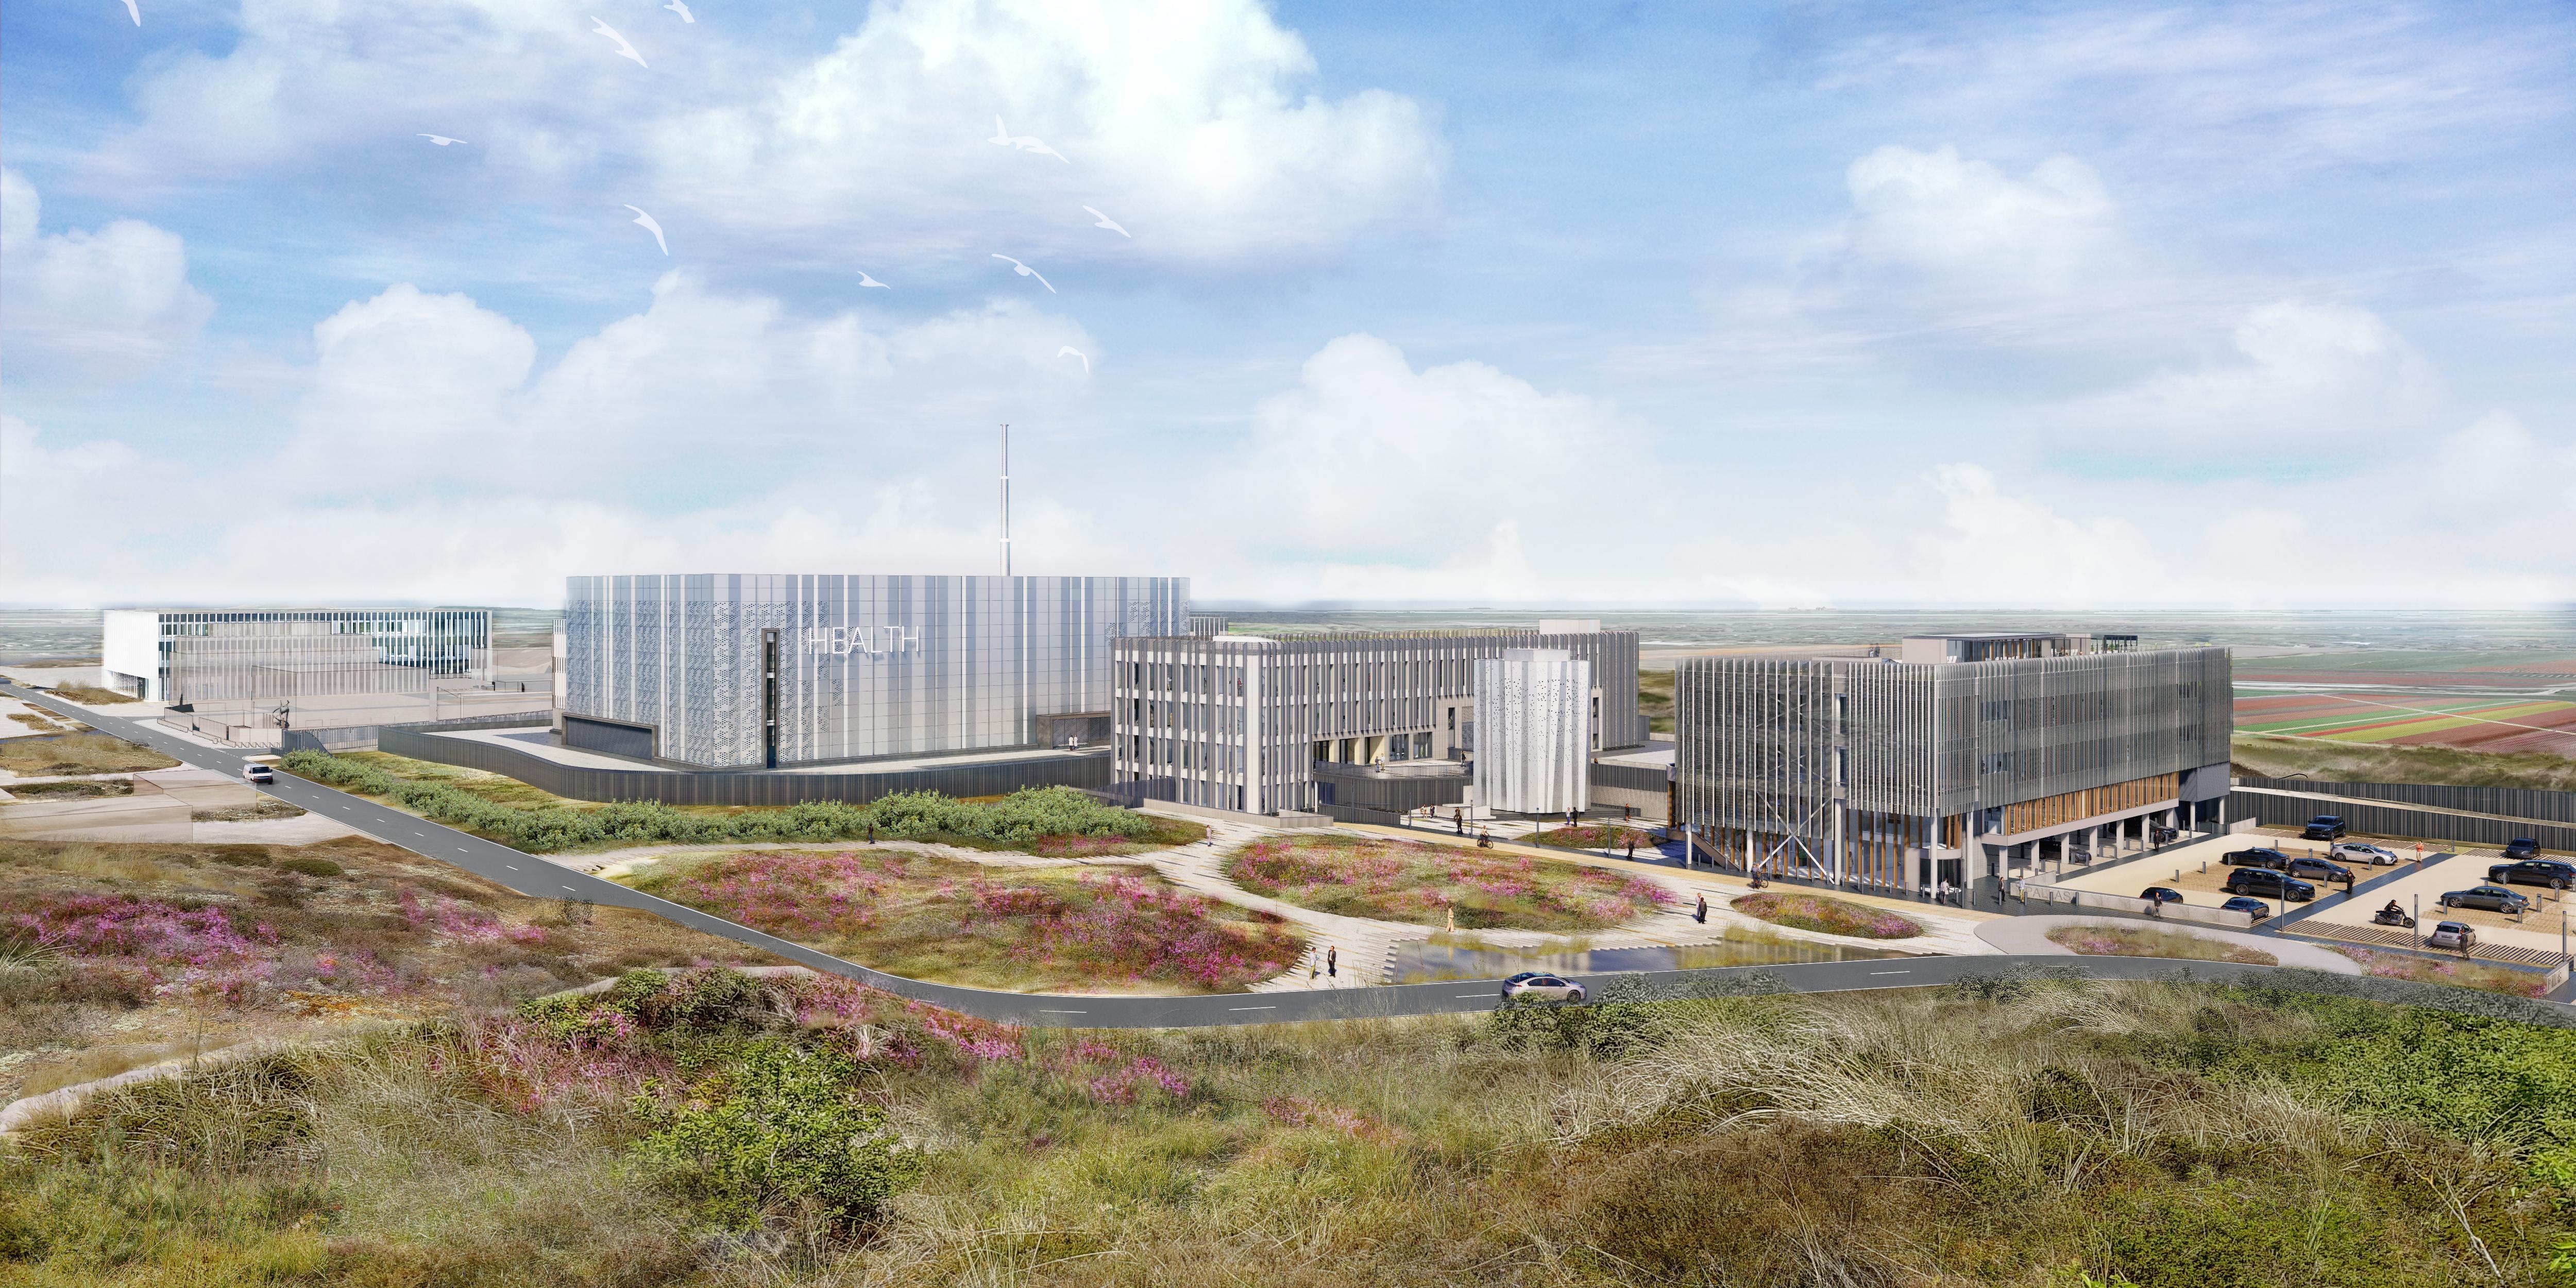 De nieuwe kernreactor in Noord-Holland ziet er straks niet uit als een reactor